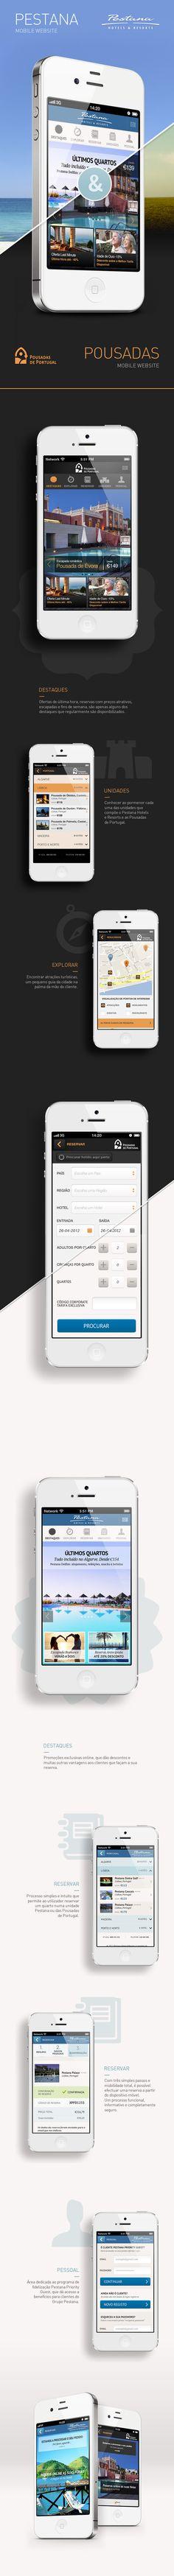 """Pestana e Pousadas mobile site by Inês Araújo, via Behance *** Mobile website for two Portuguese Hotel Brands: """"Pestana Hotels & Resorts"""" and """"Pousadas de Portugal""""."""